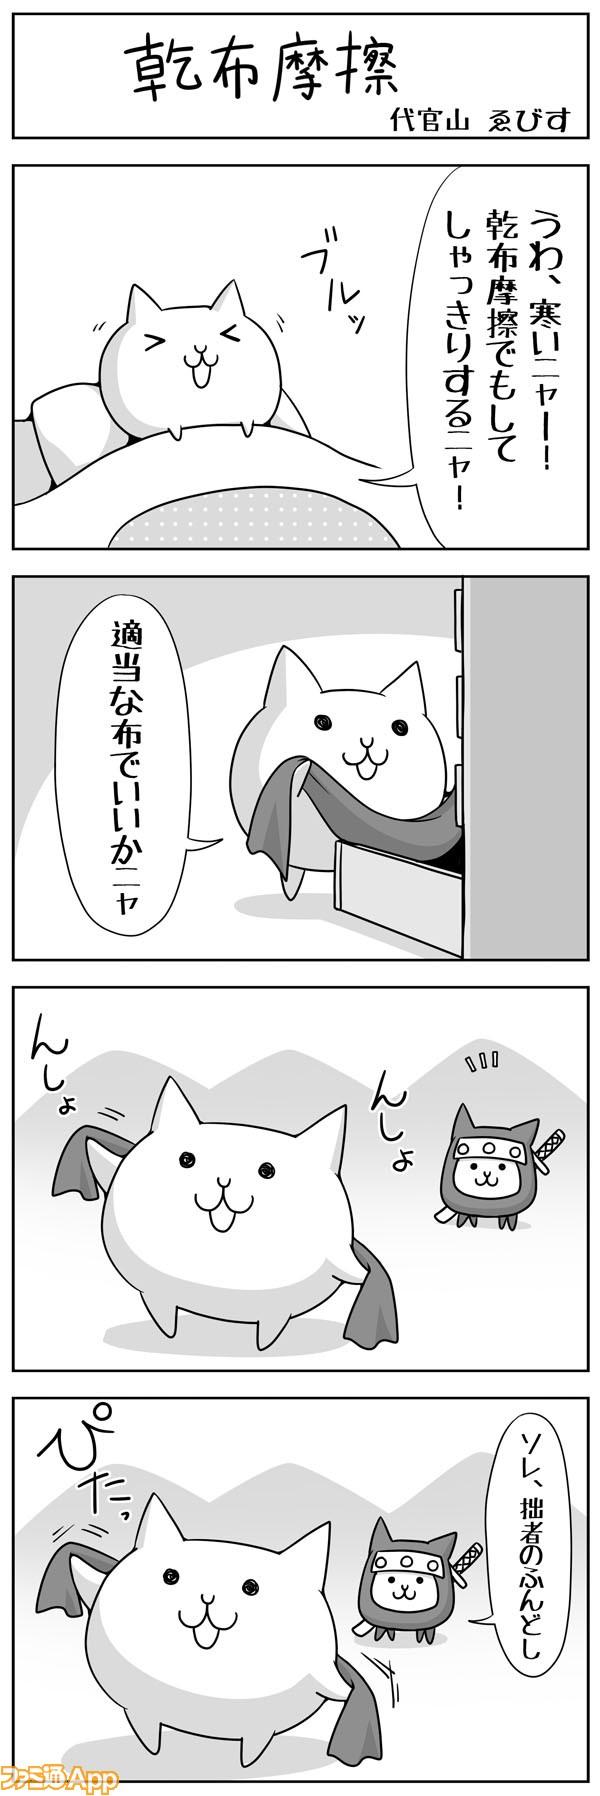 01daik_071